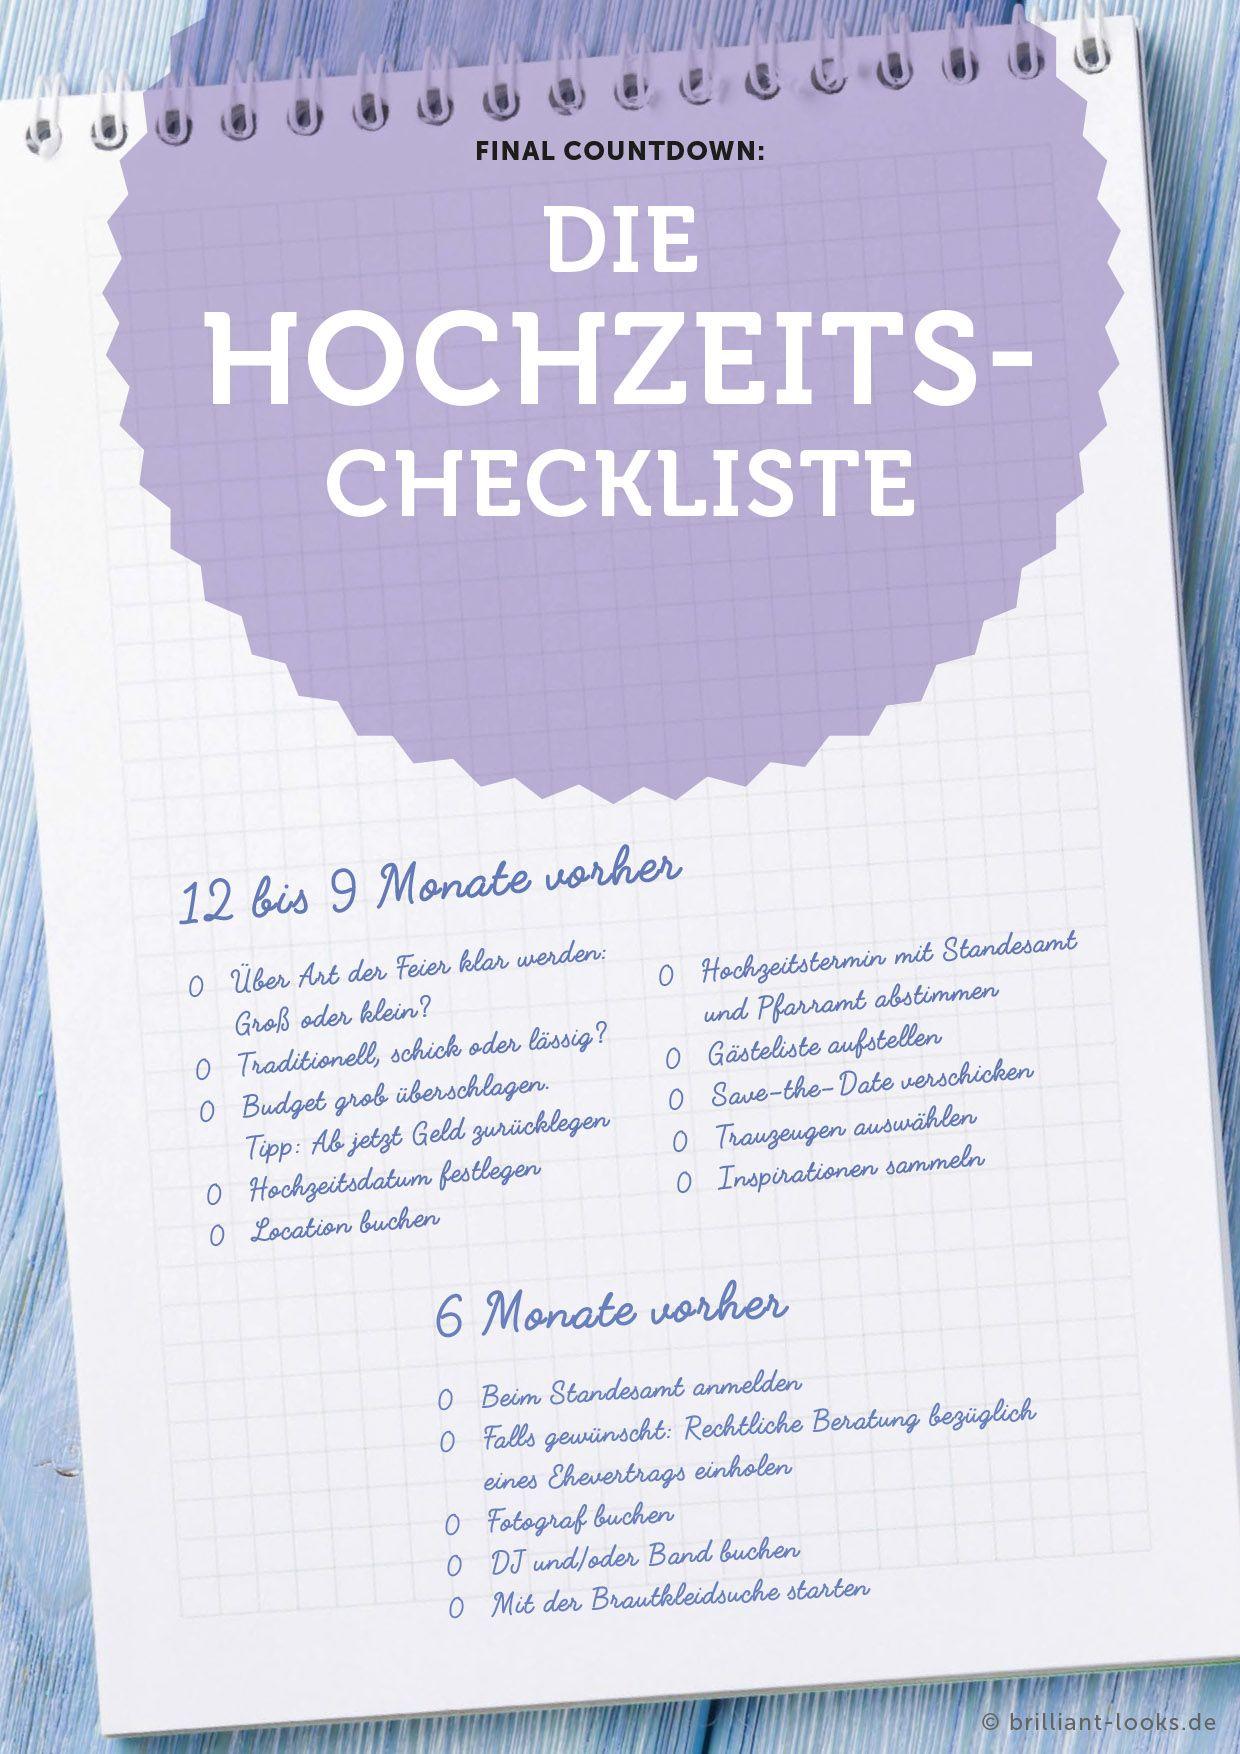 Die Hochzeits-Checkliste - Perfekt vorbereitet für die eigene ...